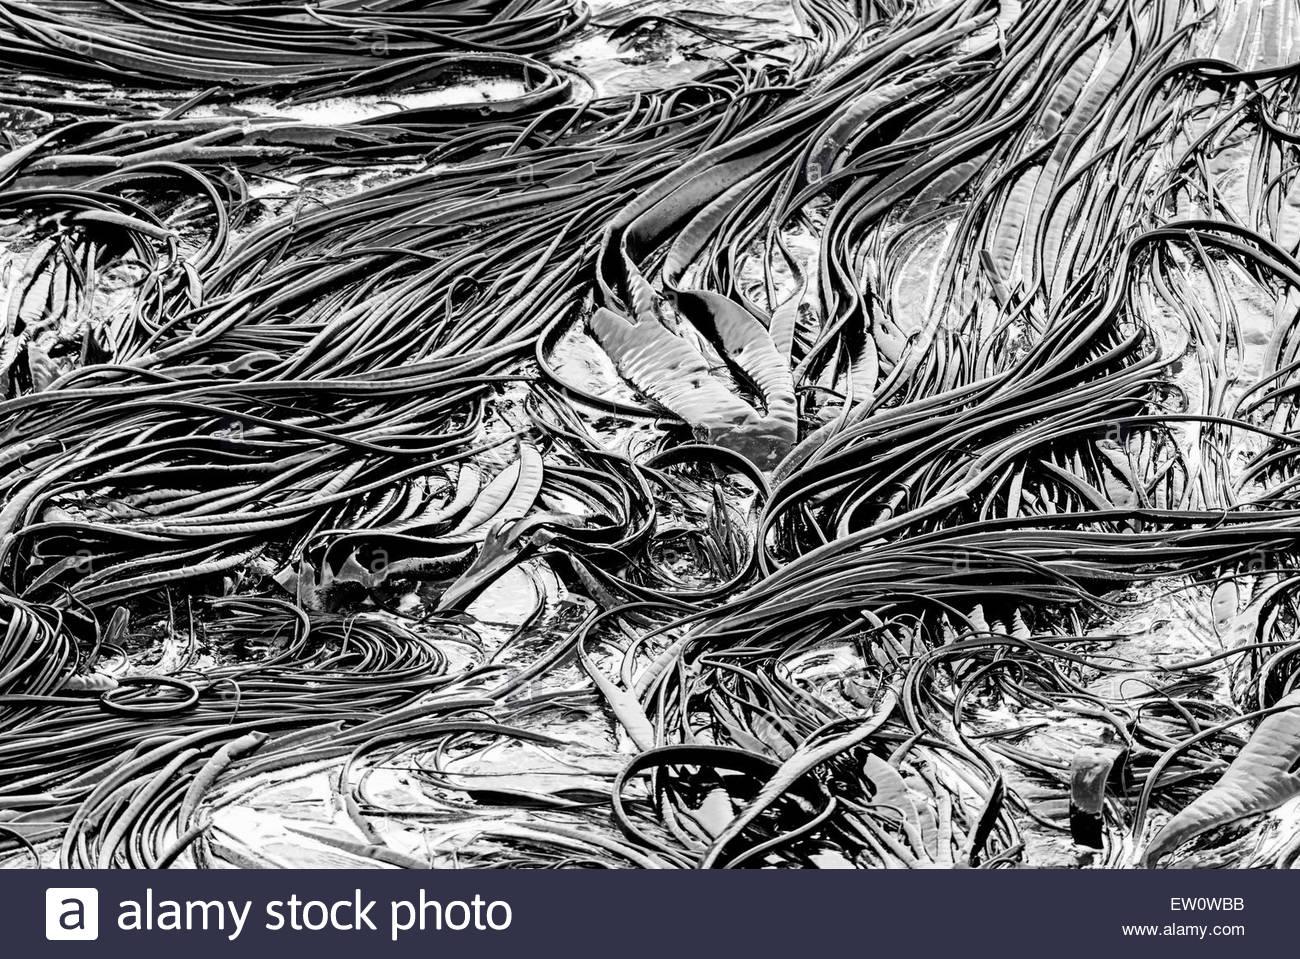 Seaweeds, Otago Peninsula, Dunedine, Otago, South Island, New Zealand, - Stock Image